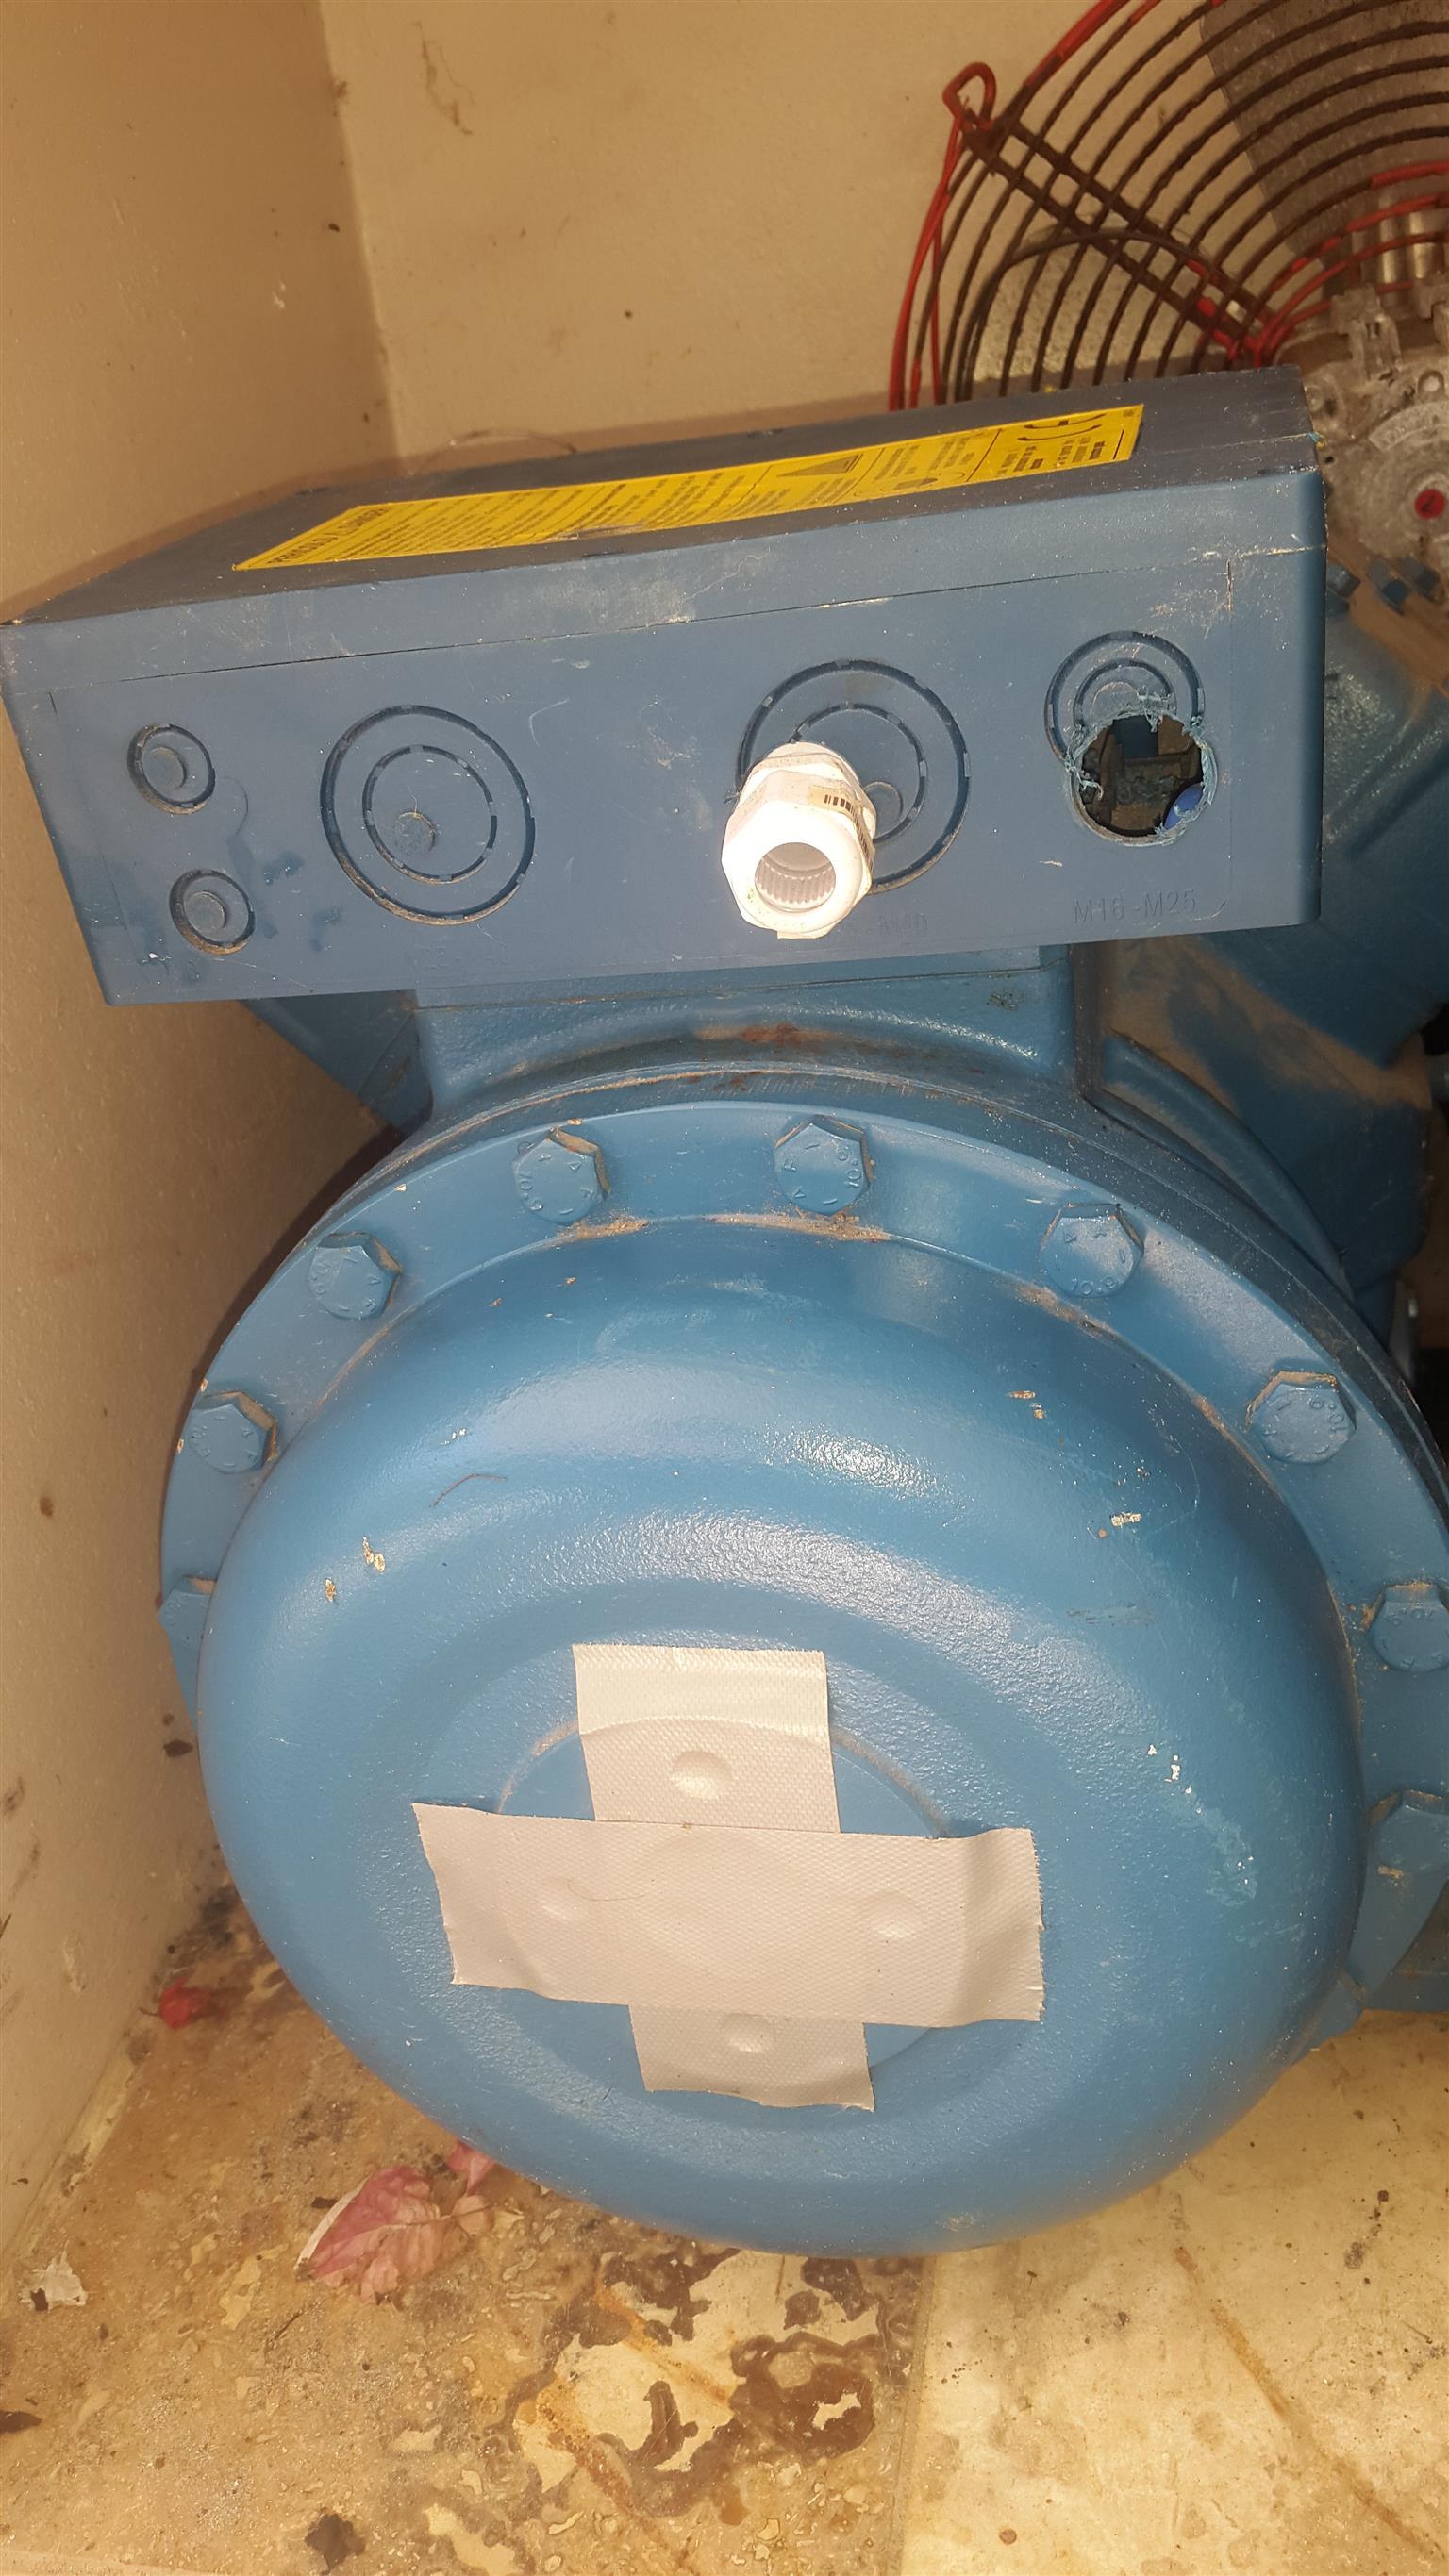 15 hp Compressor - Refrigeration